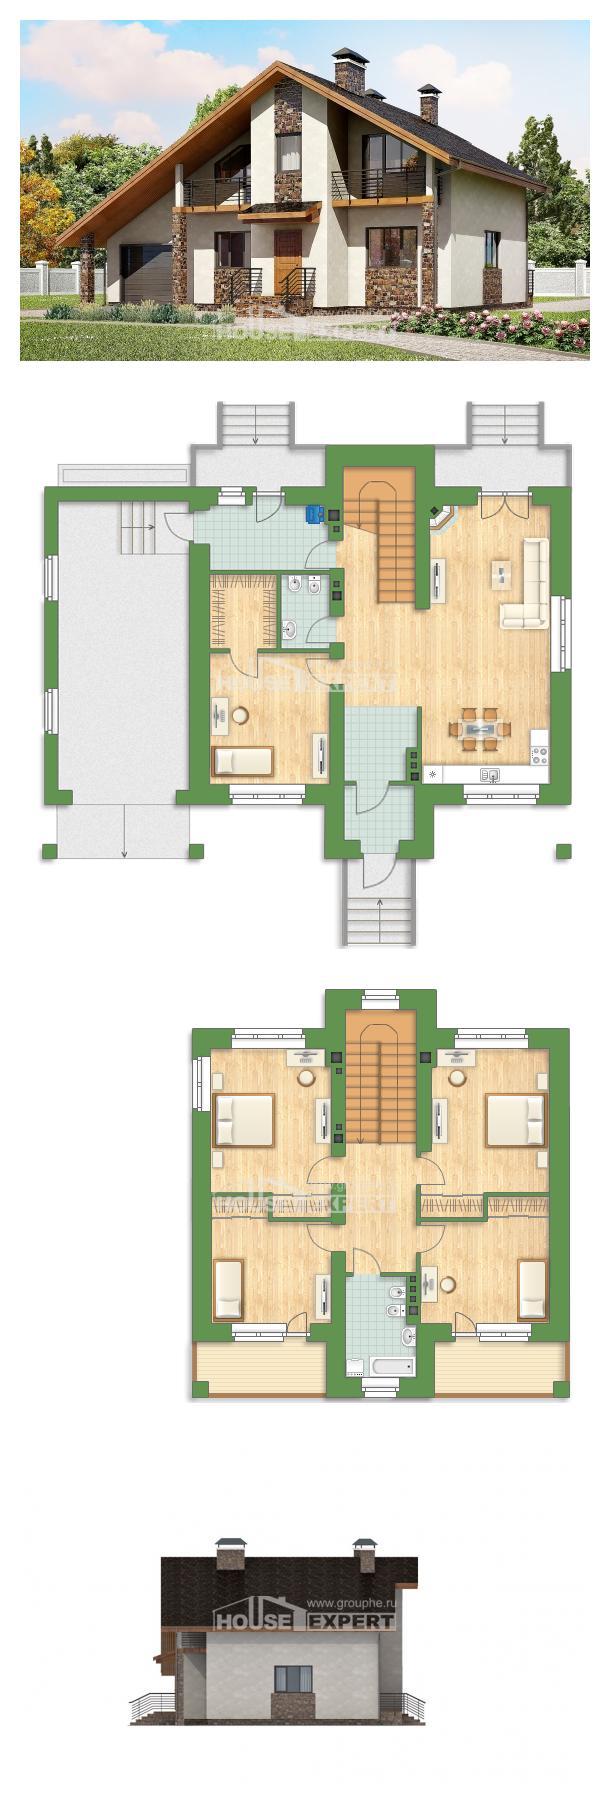 Plan 180-008-L   House Expert